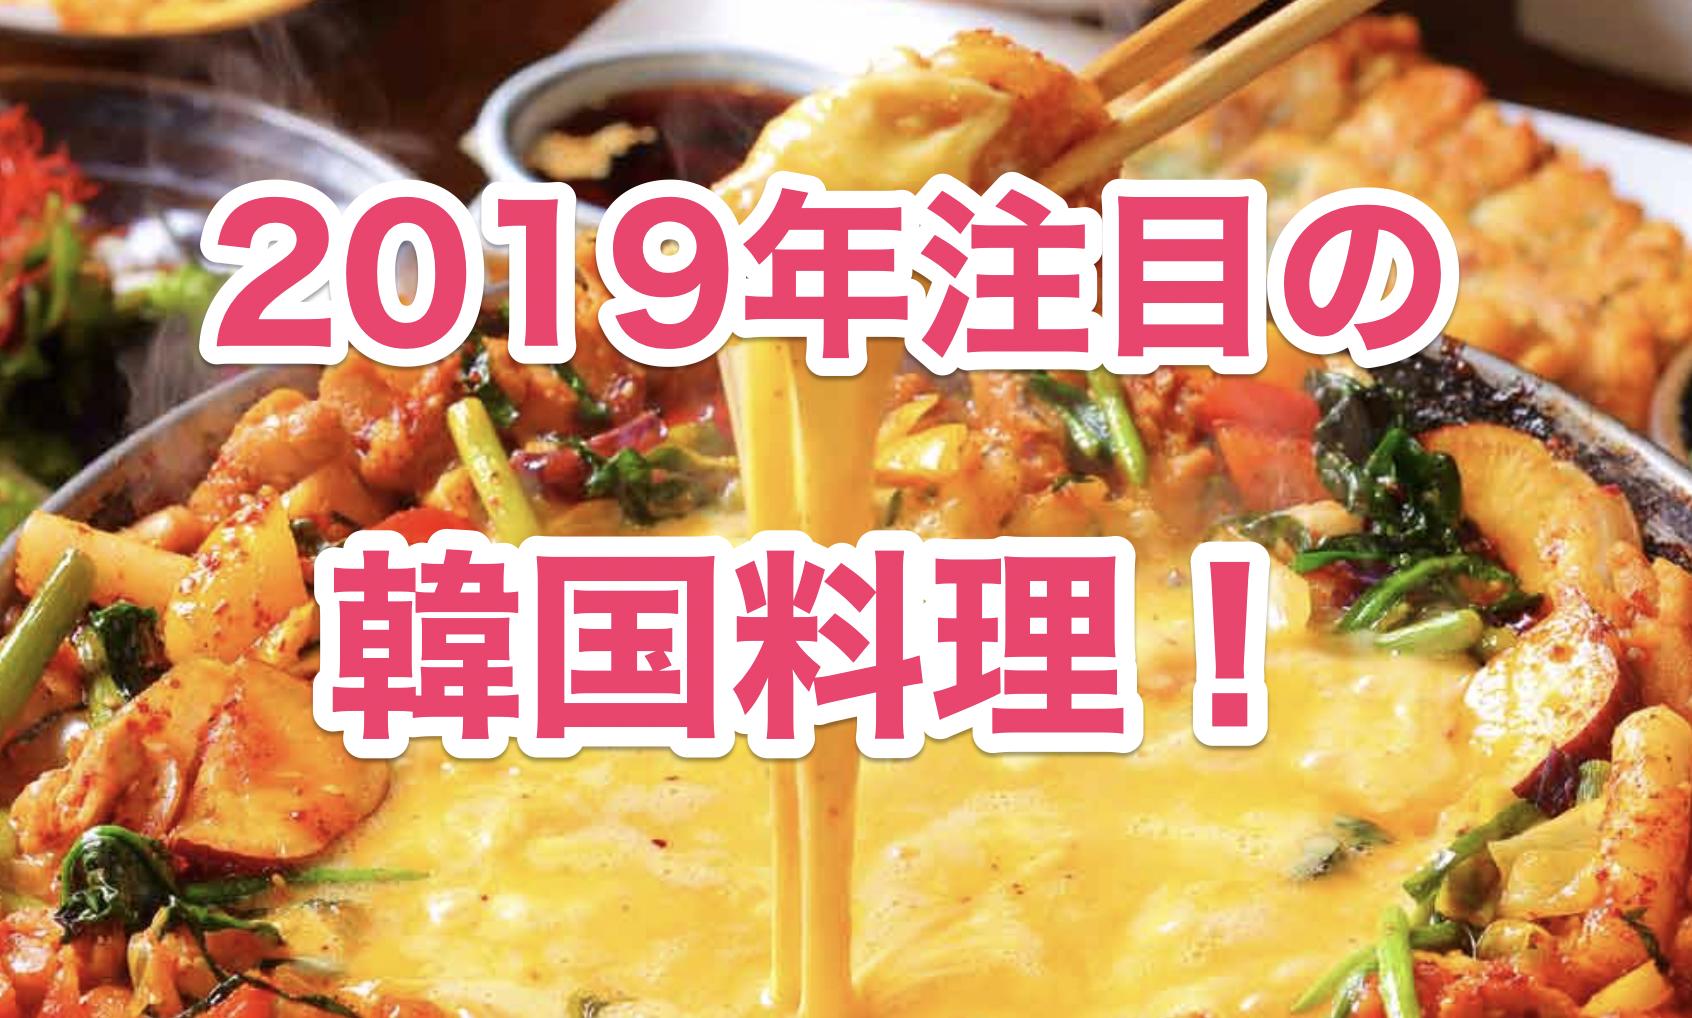 2019年に流行する韓国料理